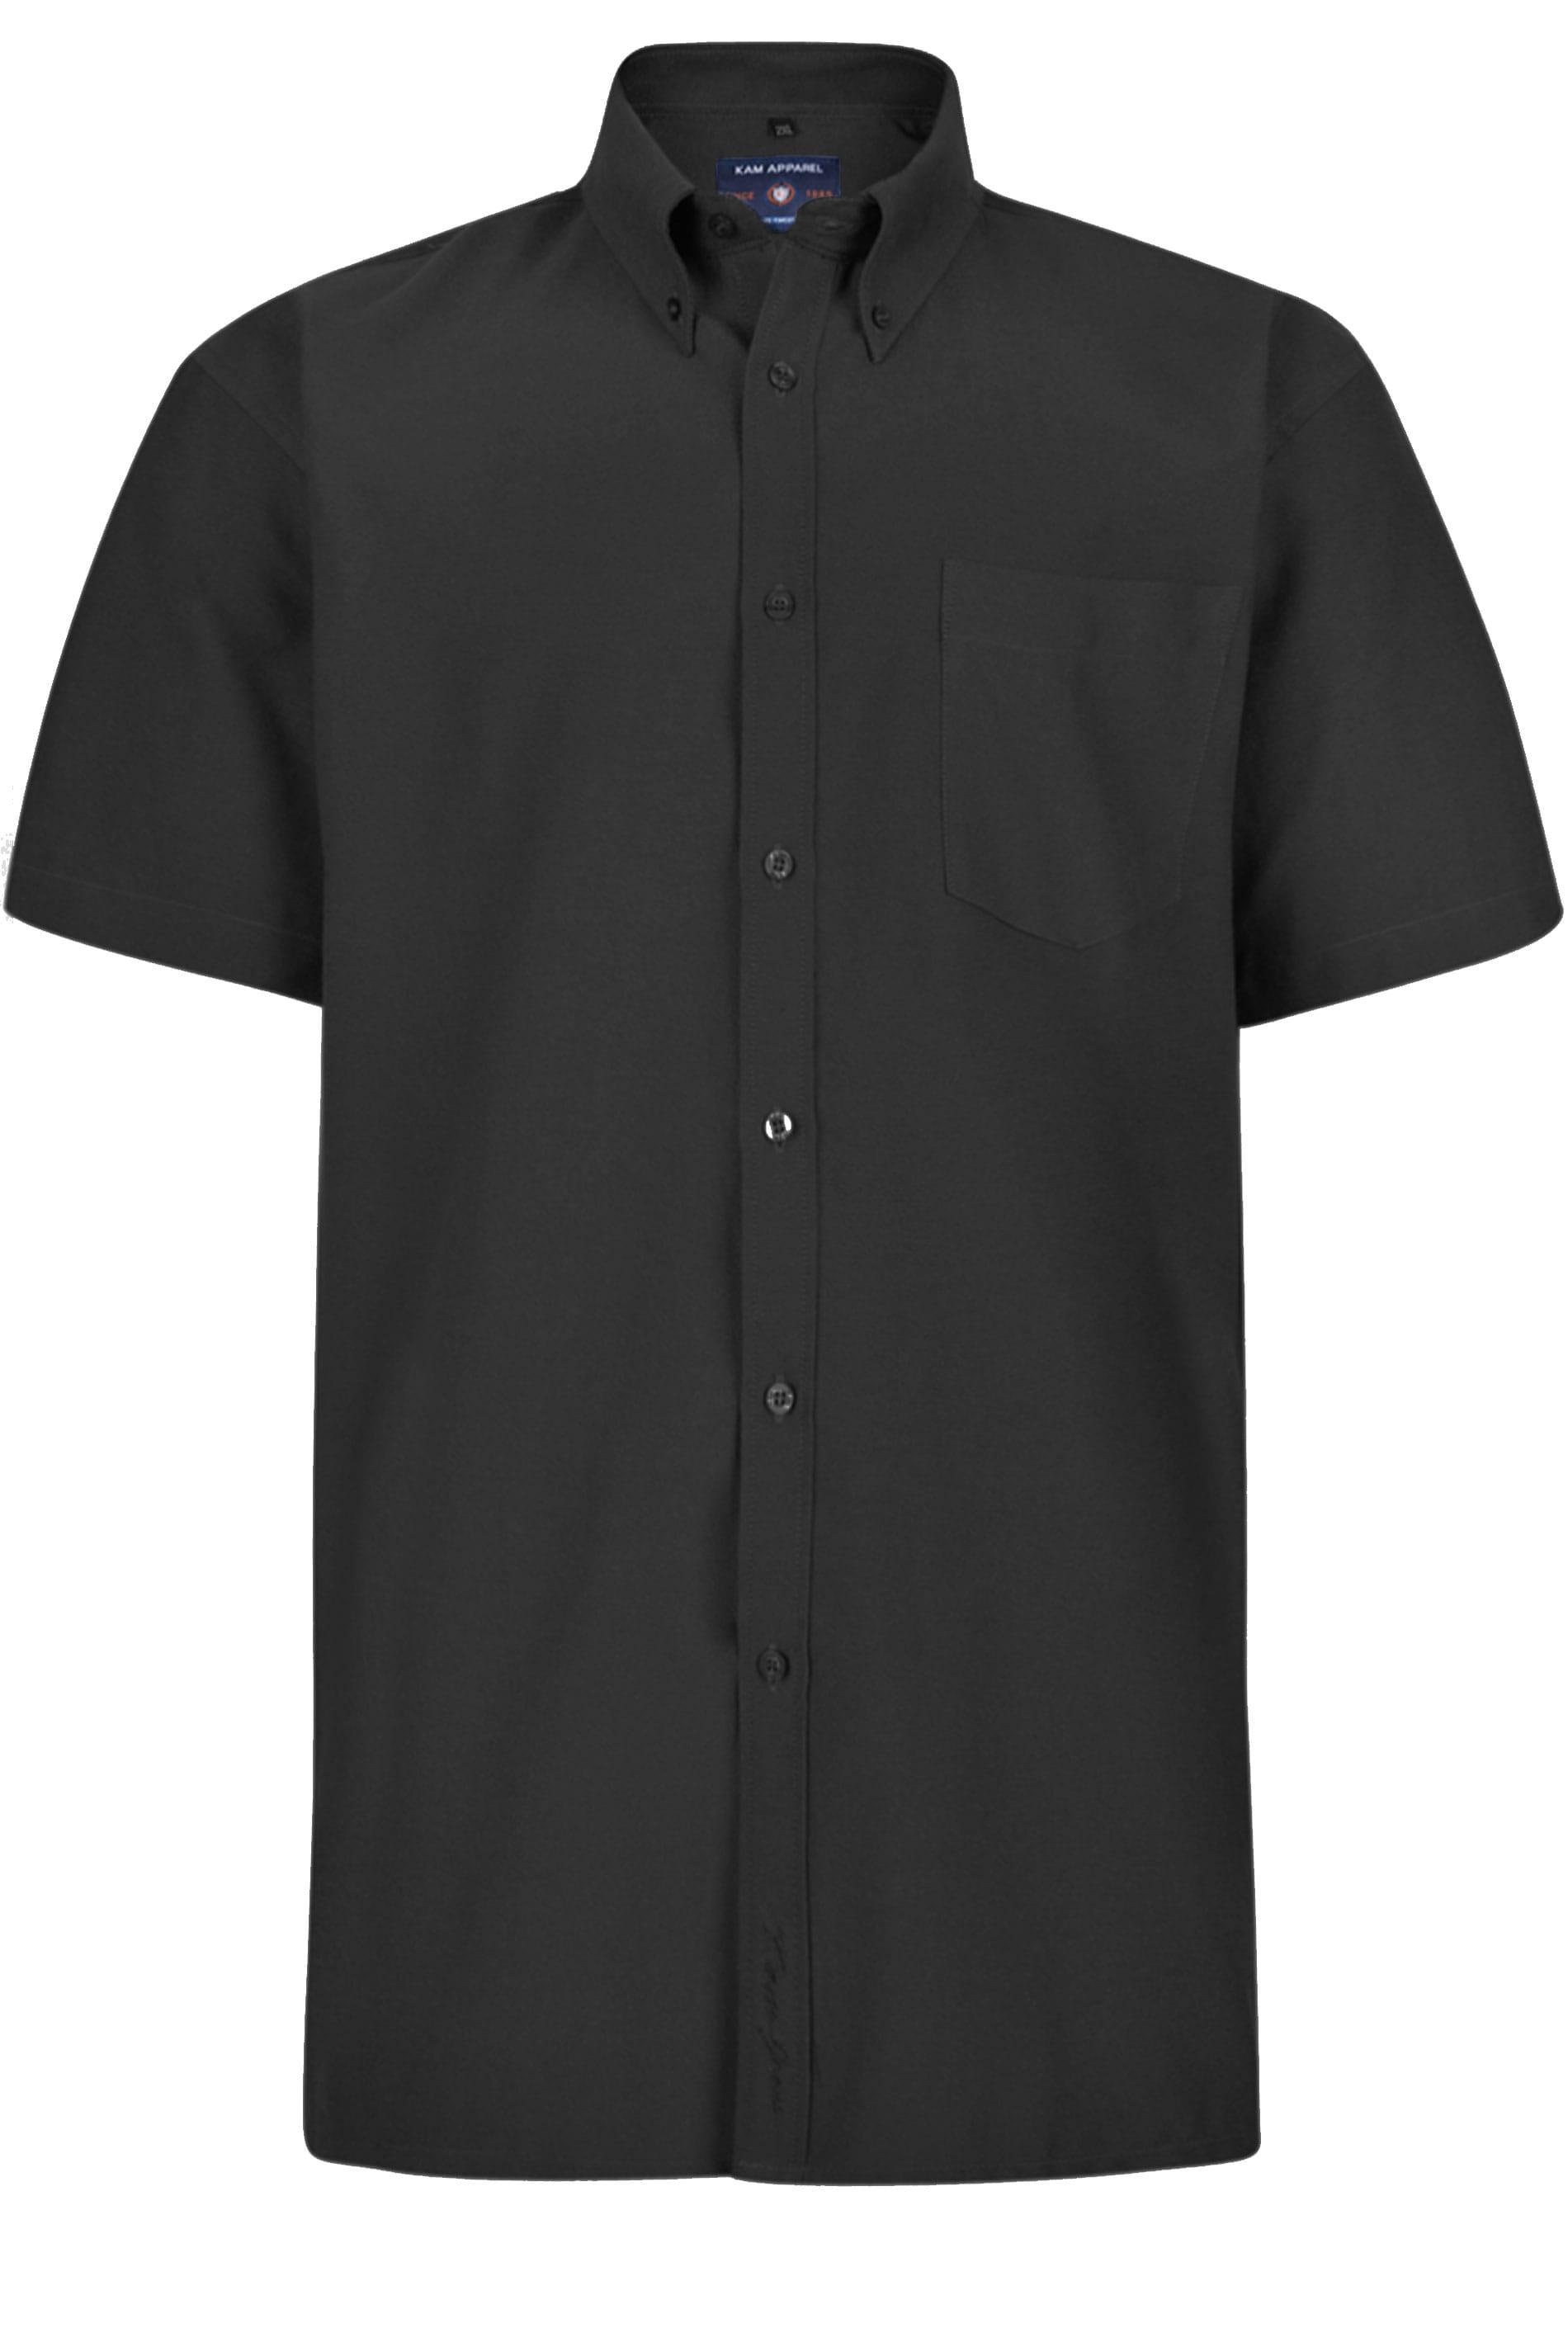 KAM Black Oxford Short Sleeve Shirt